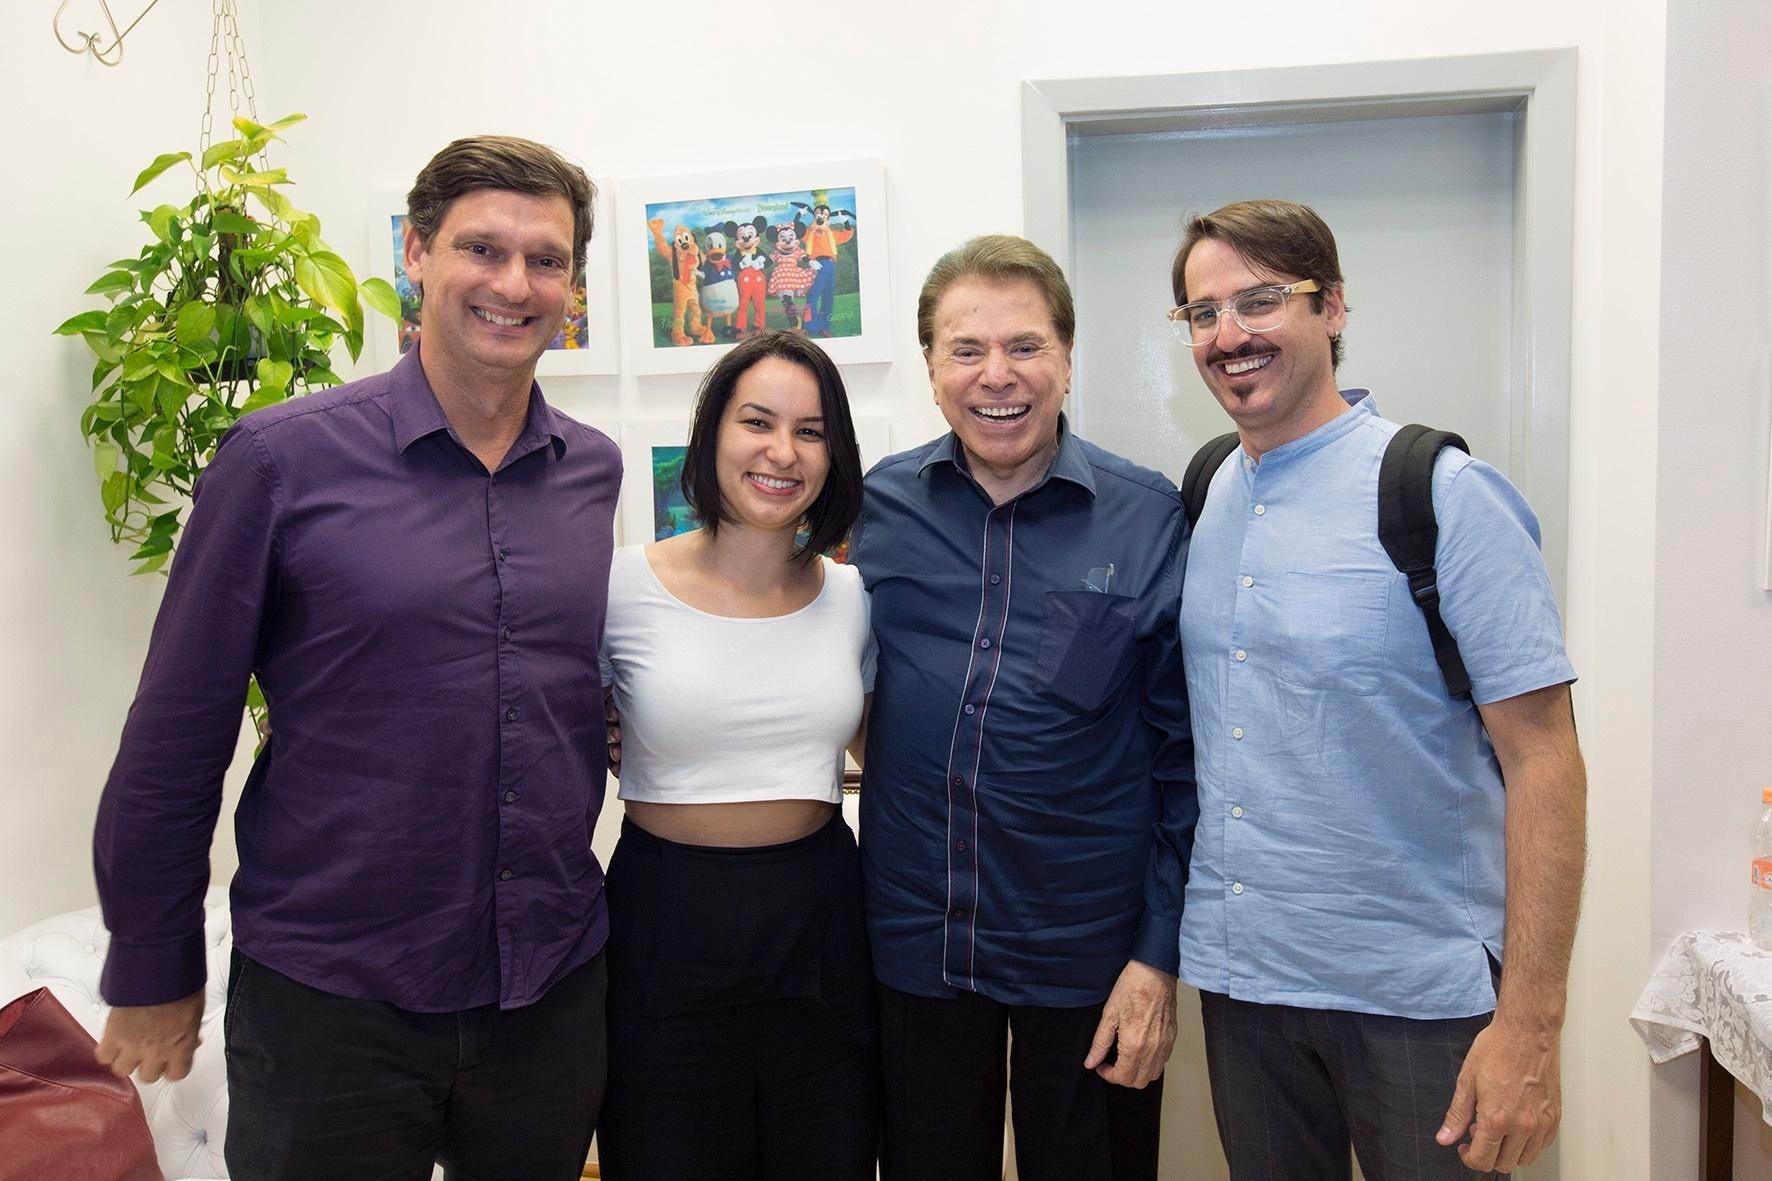 Silvio Santos posa com André Sturm, diretor do MIS (Museu da Imagem e do Som), e os produtores Gabrielle Araújo e Marcelo Jackow